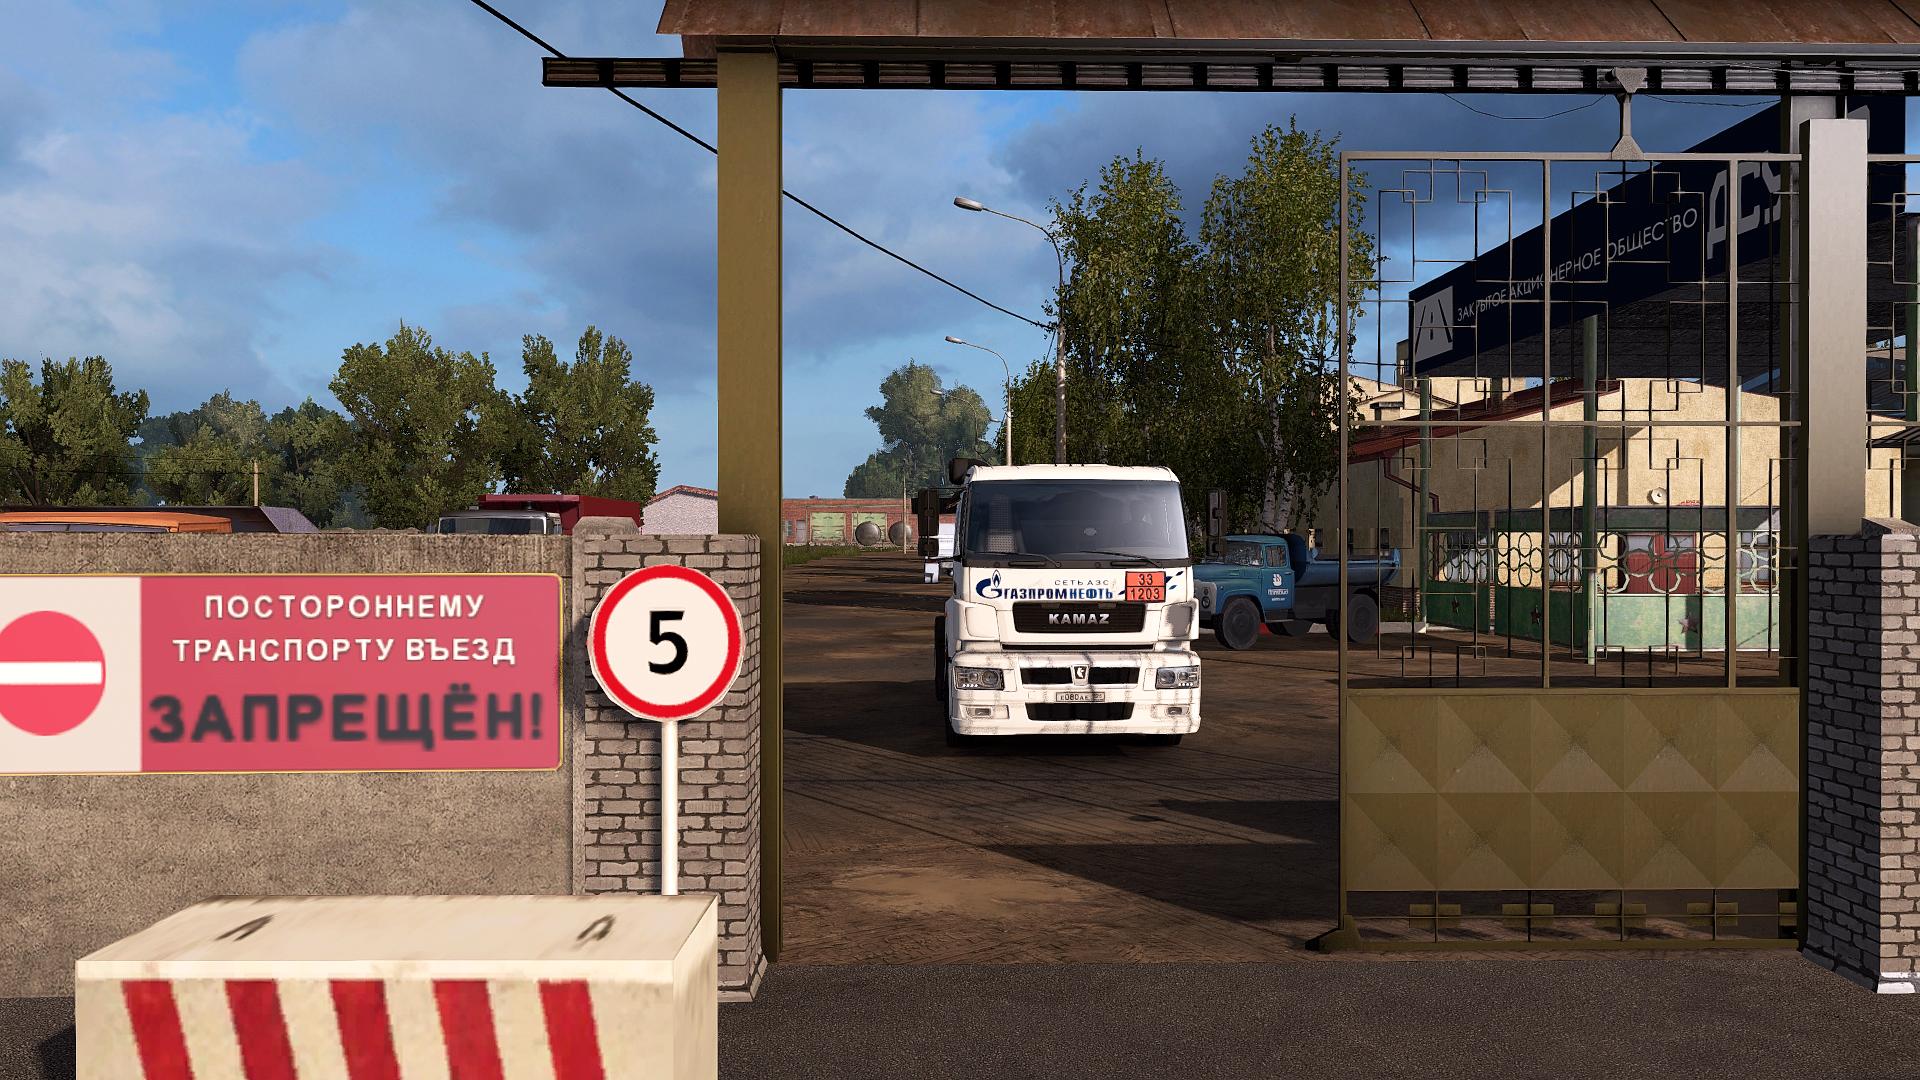 eurotrucks2 2018-05-06 16-39-18.png - Euro Truck Simulator 2